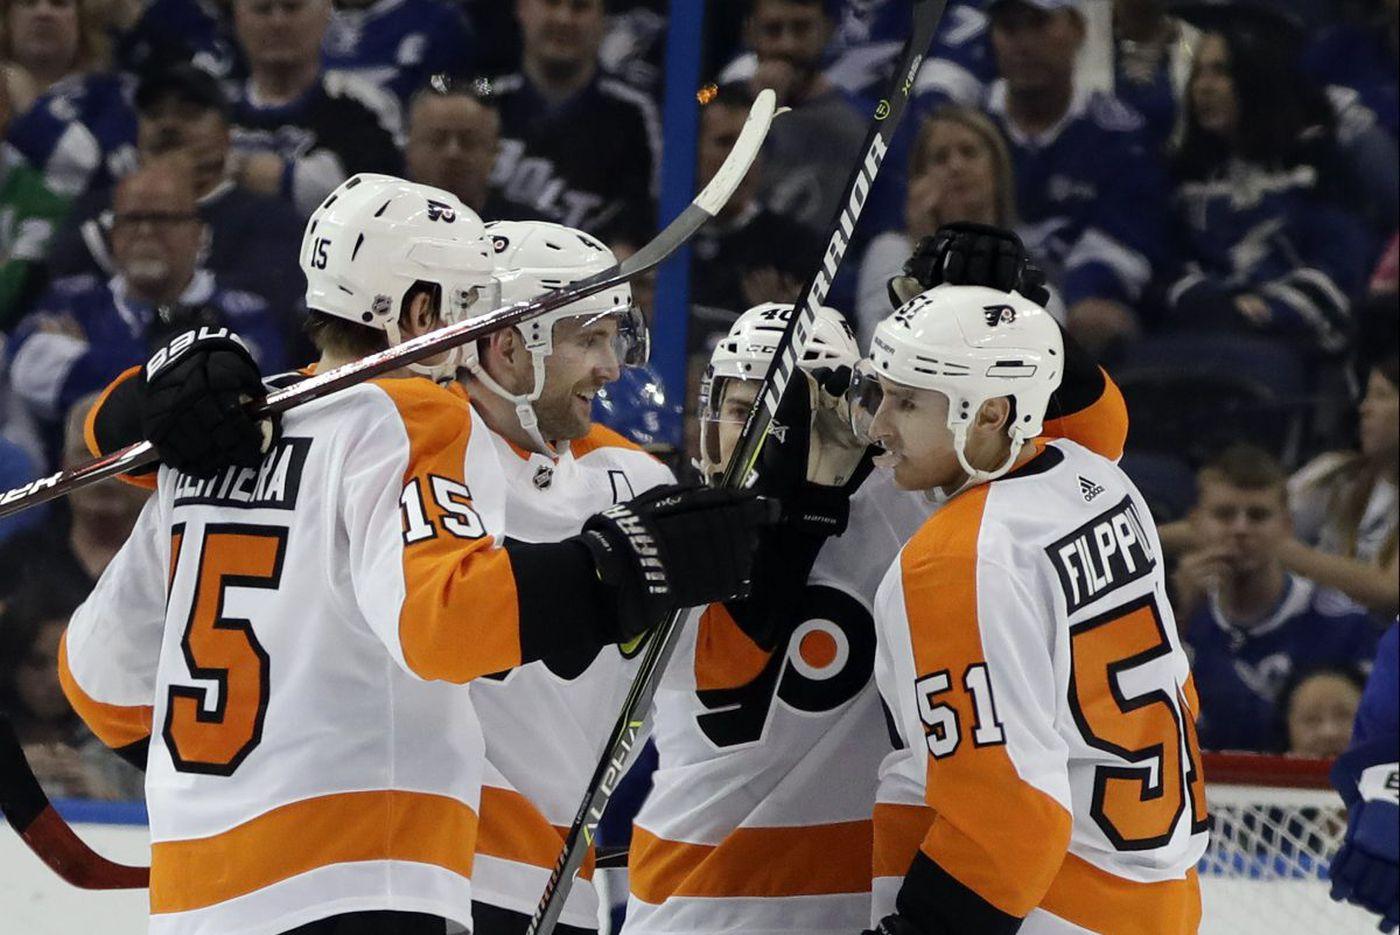 Flyers winger Jori Lehtera finally feels he belongs; Brian Elliott returns to ice